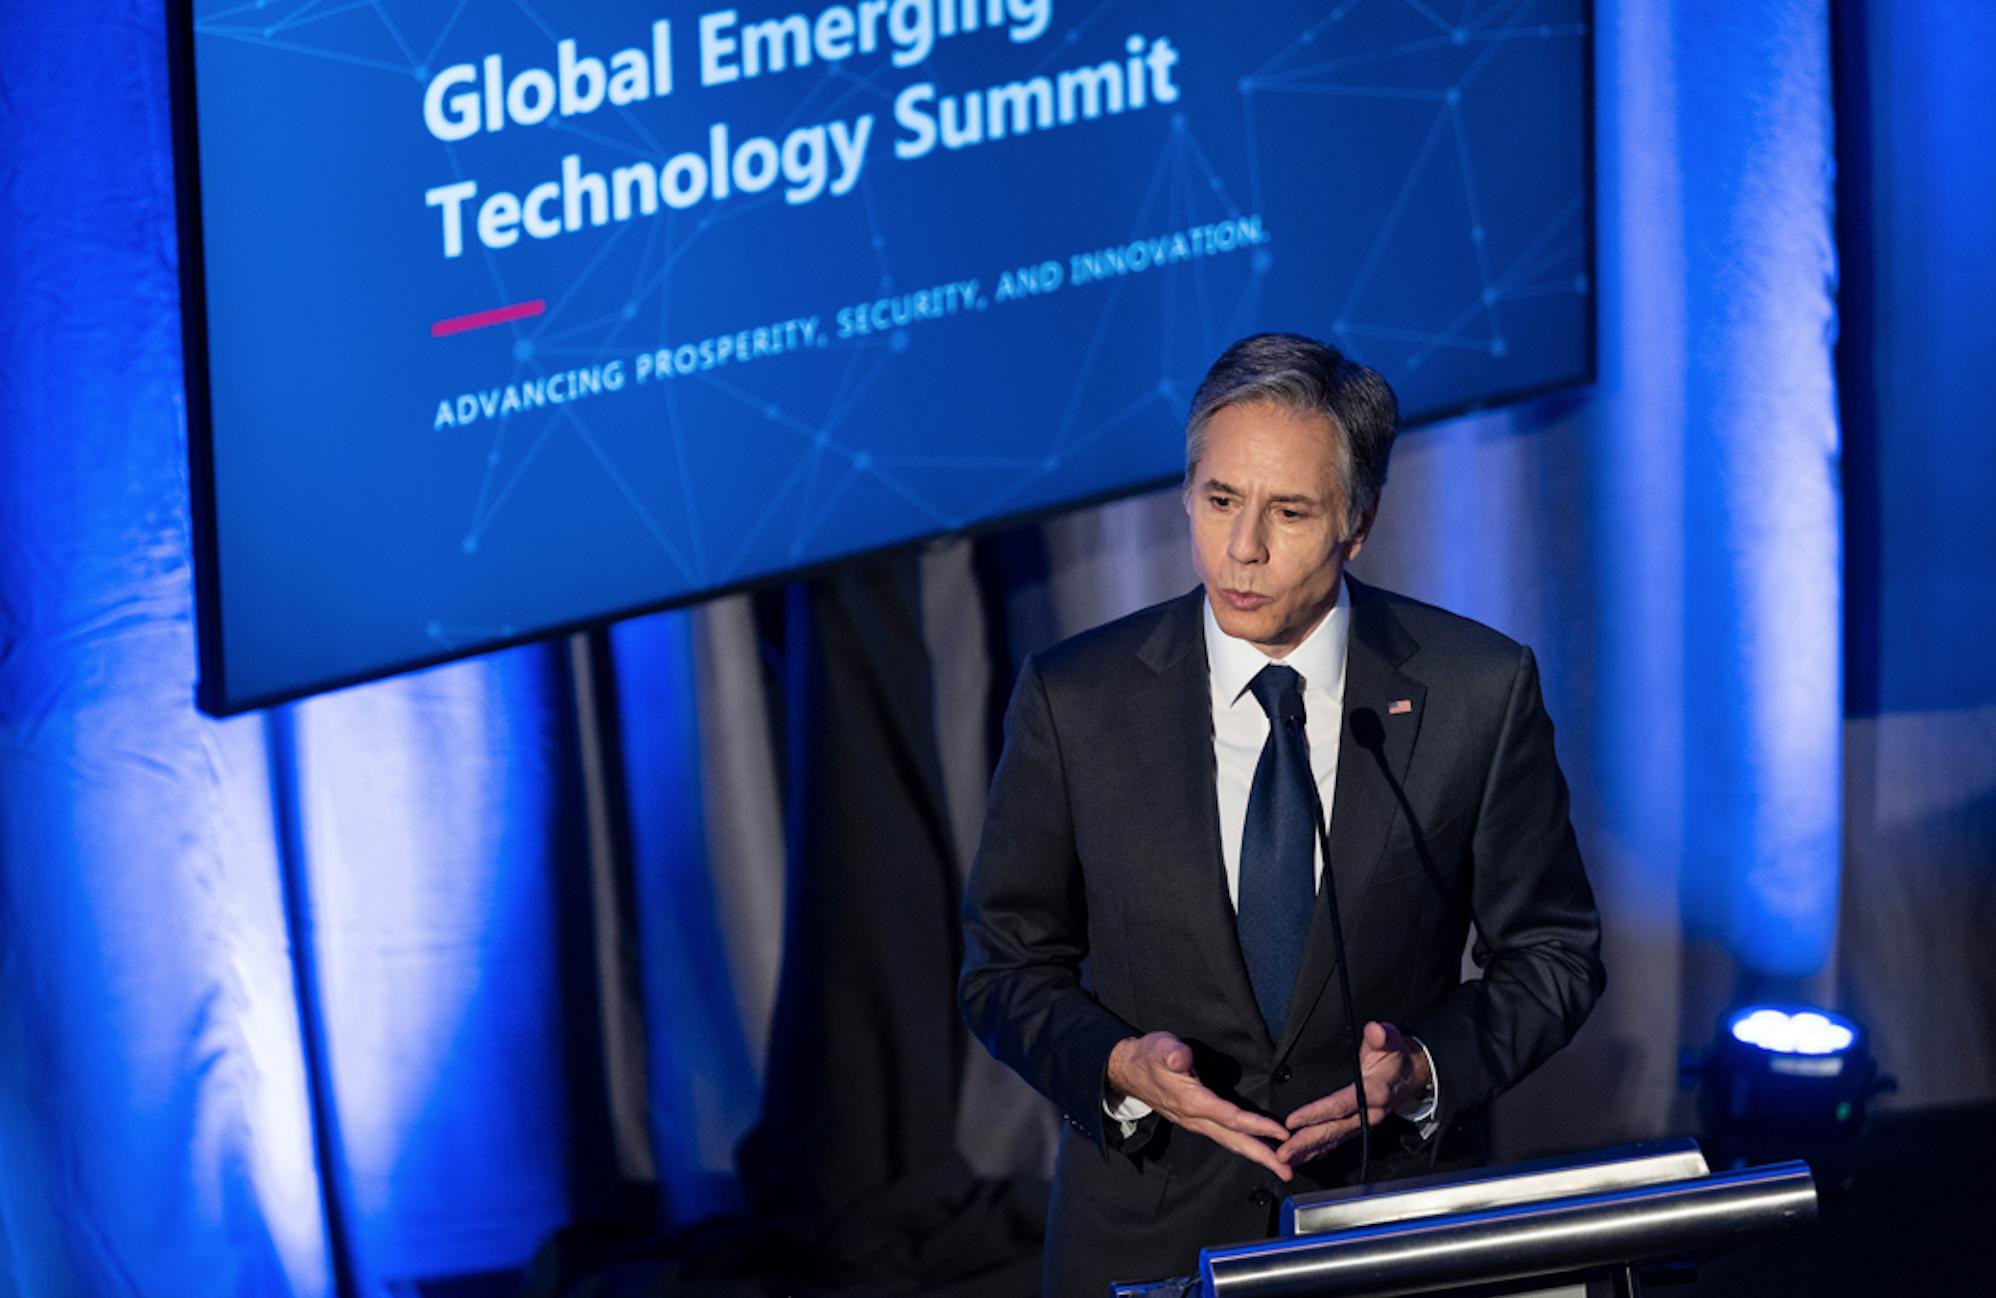 Retour sur le Global Emerging Technology Summit organisé le 13 juillet par la NSCAI